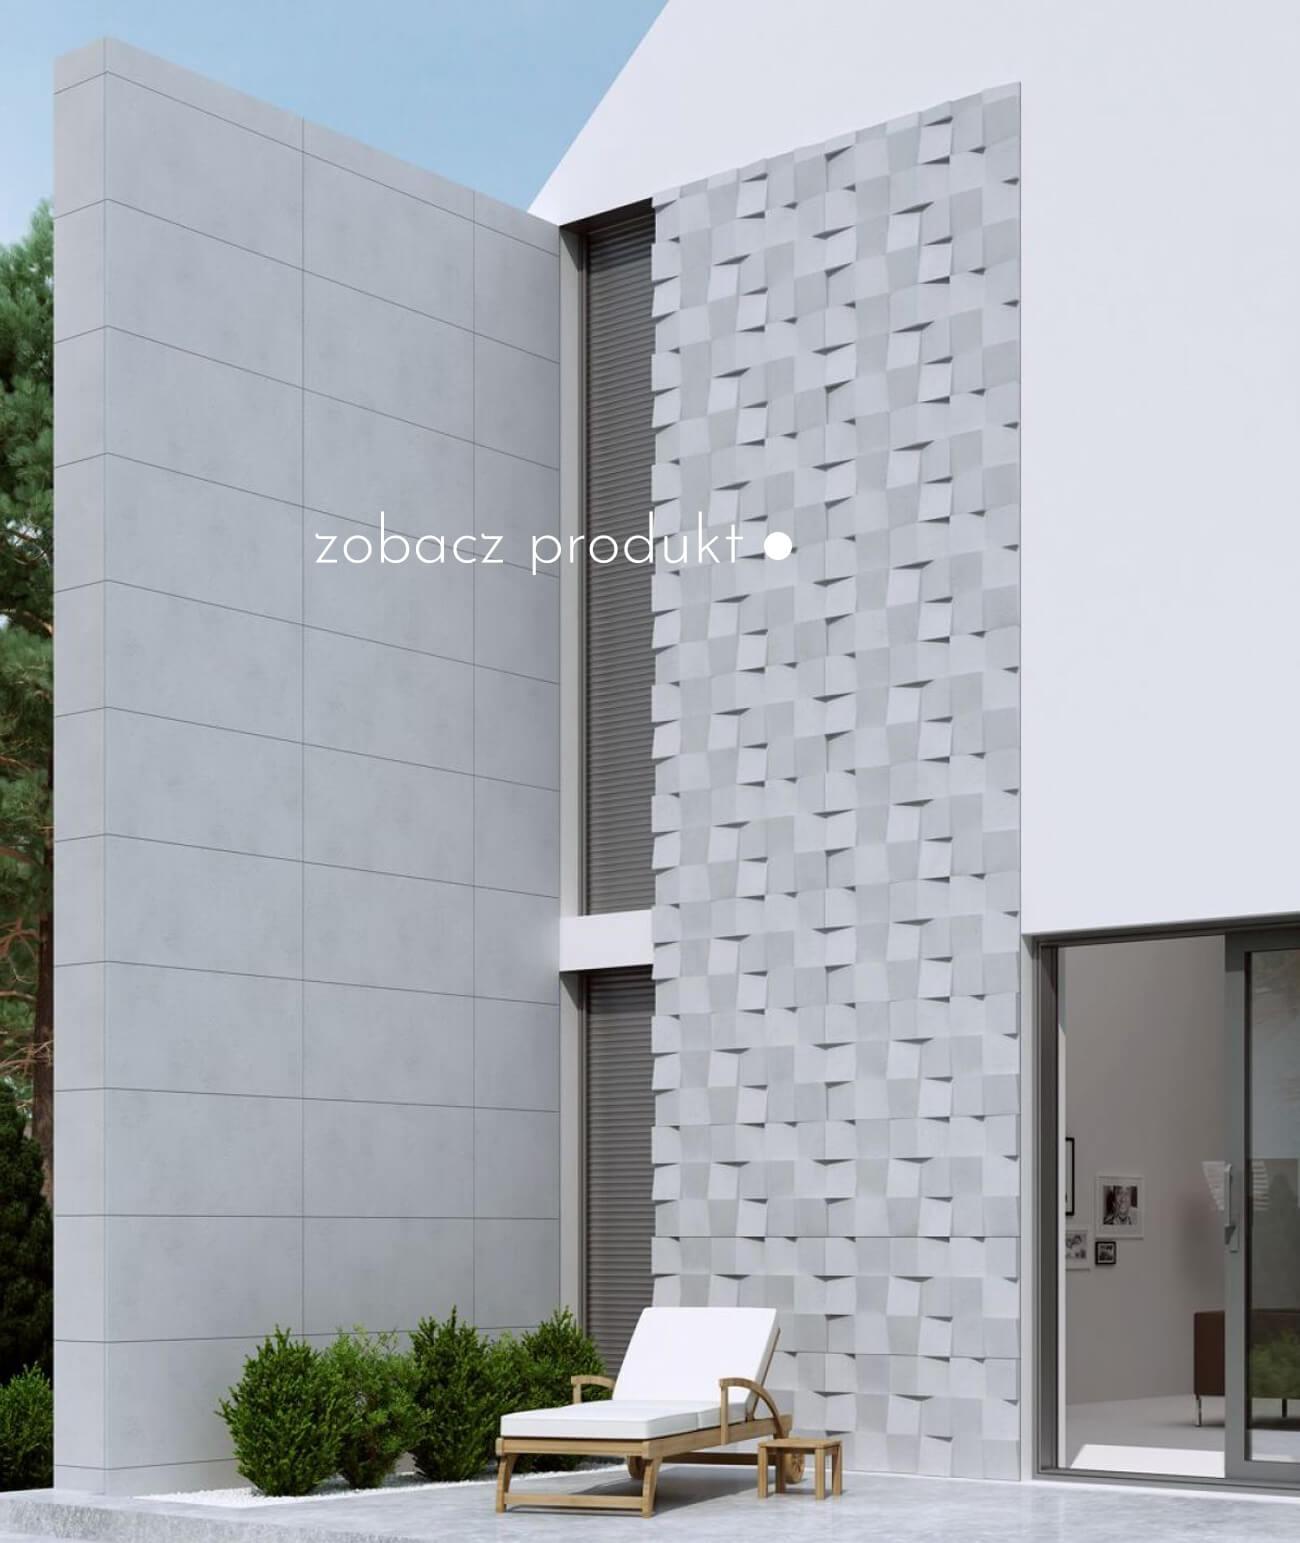 panele-betonowe-3d-scienne-i-elewacyjne-beton-architektoniczny_496-2678-pb16-s50-jasny-szary-mysi-coco-2---panel-dekor-3d-beton-architektoniczny-panel-scienny